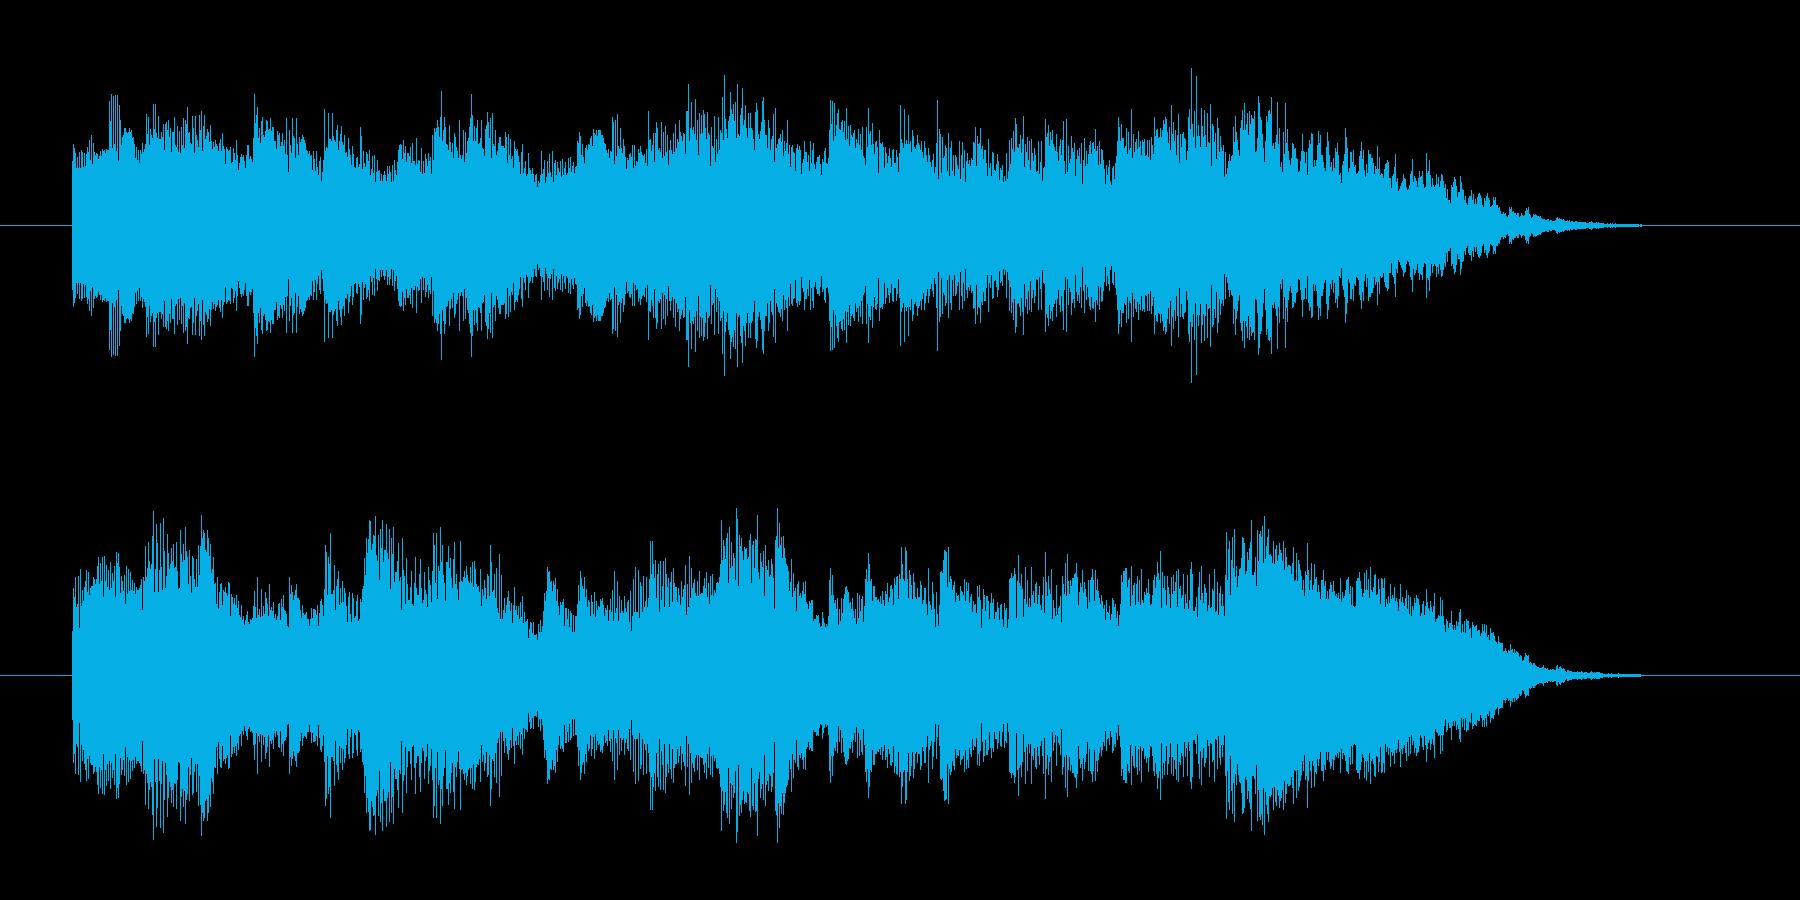 アコースティックギターによるジングルの再生済みの波形